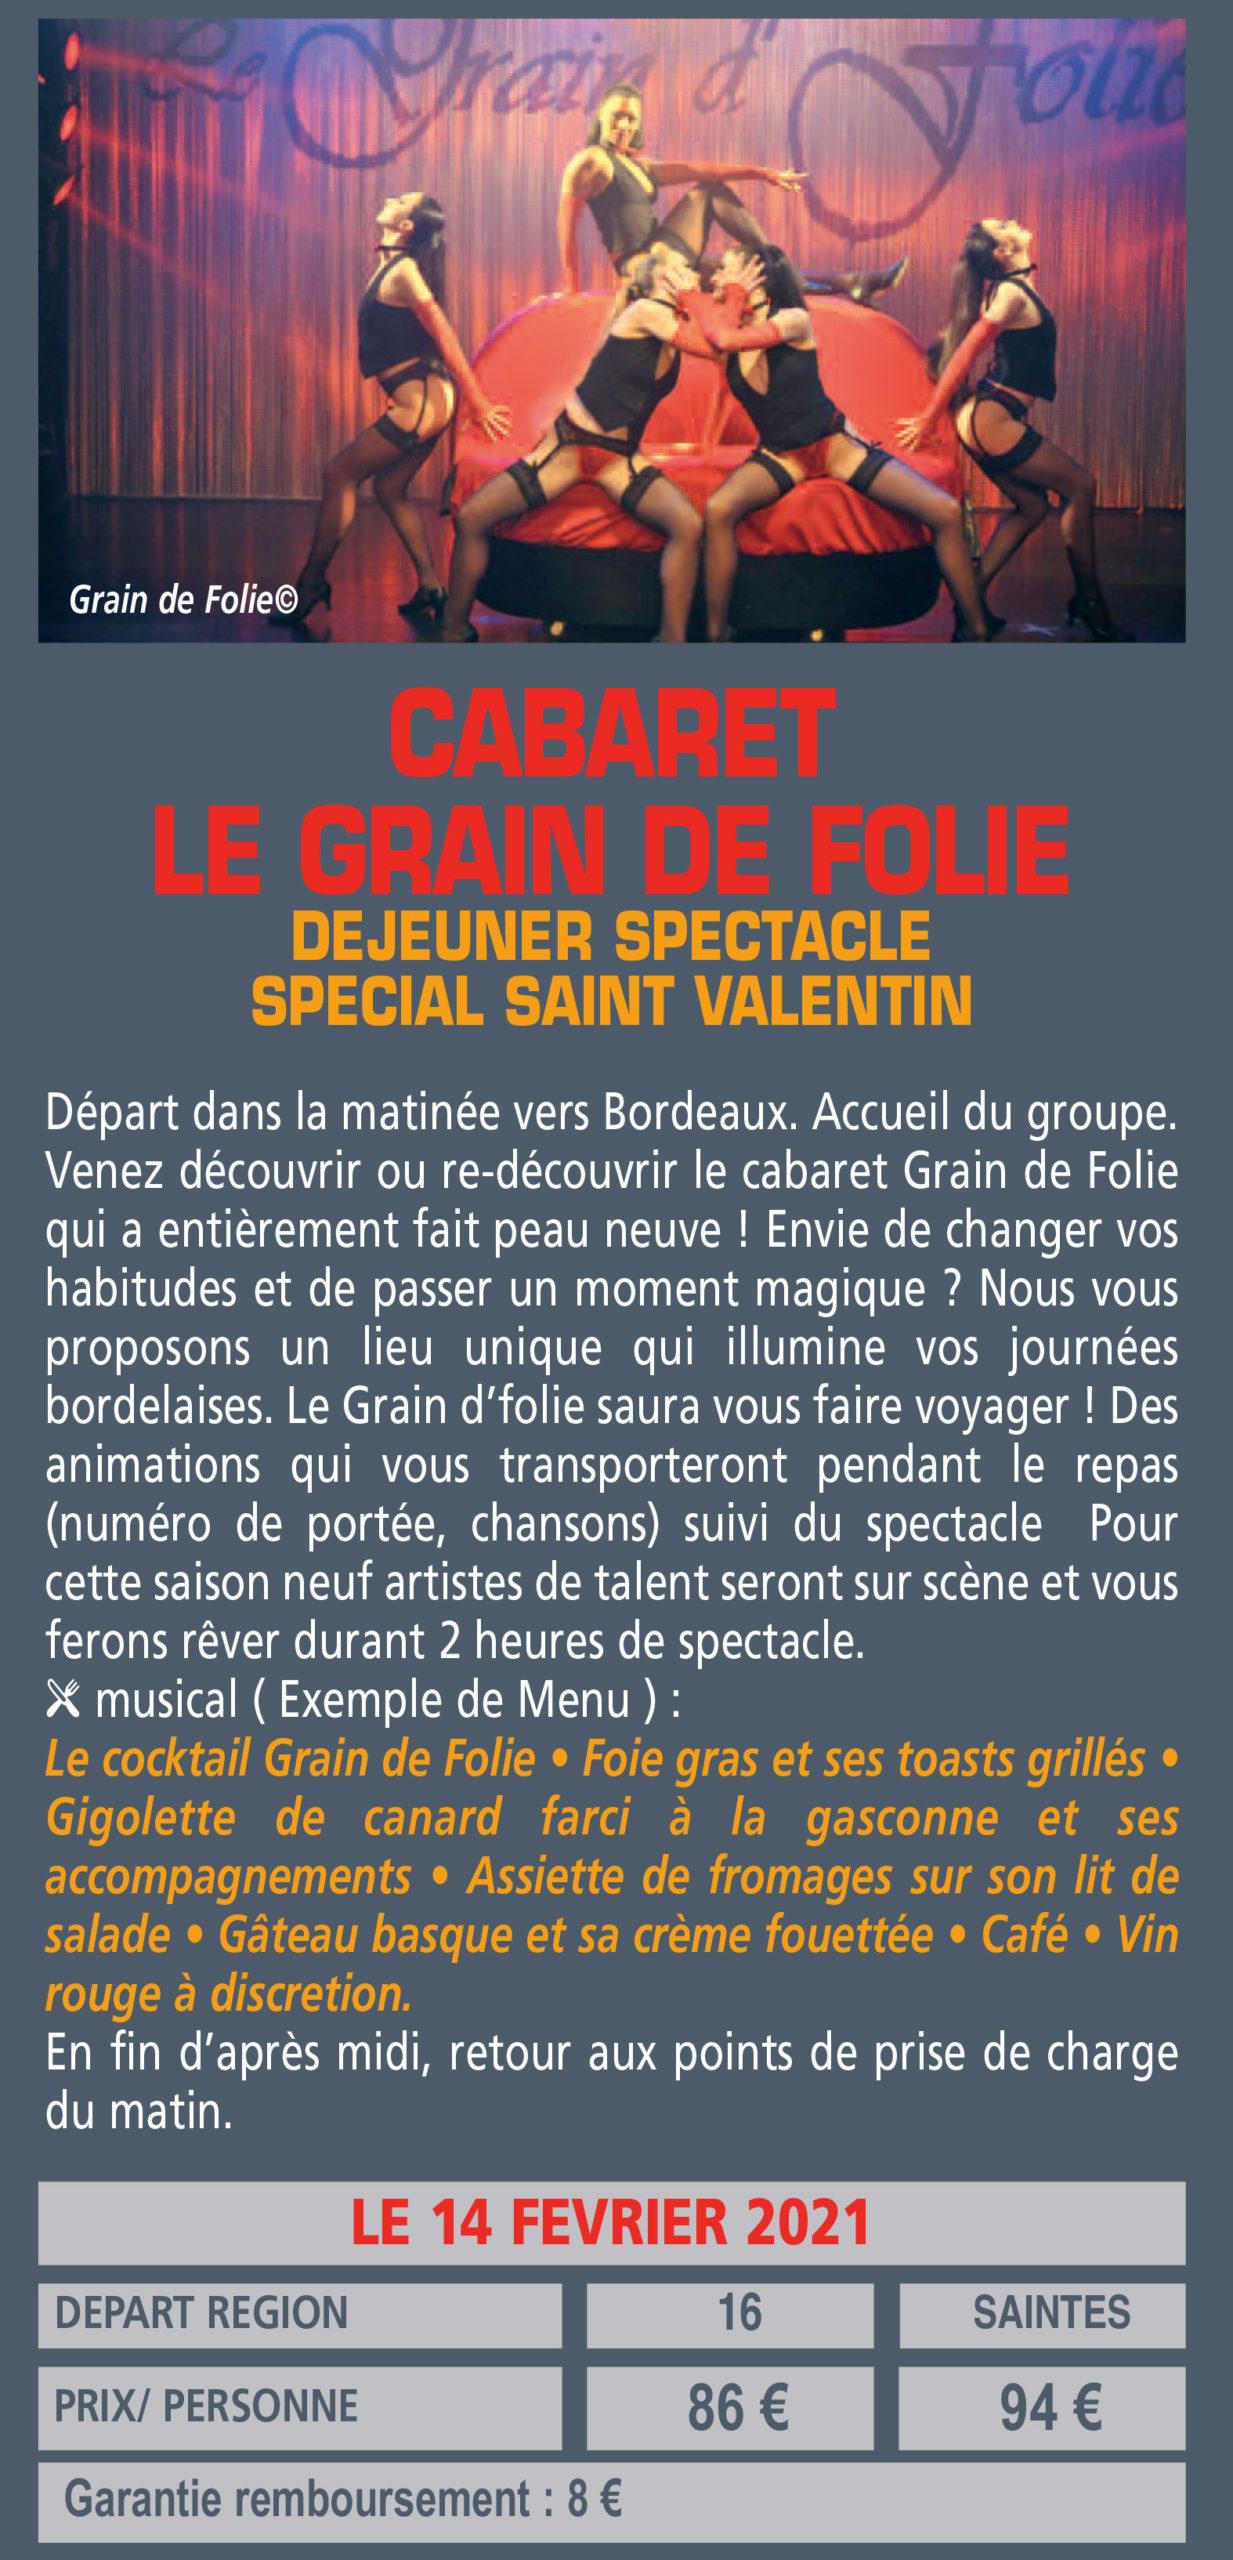 CABARET LE GRAIN DE FOLIE DEJEUNER SPECTACLE SPECIAL SAINT VALENTIN